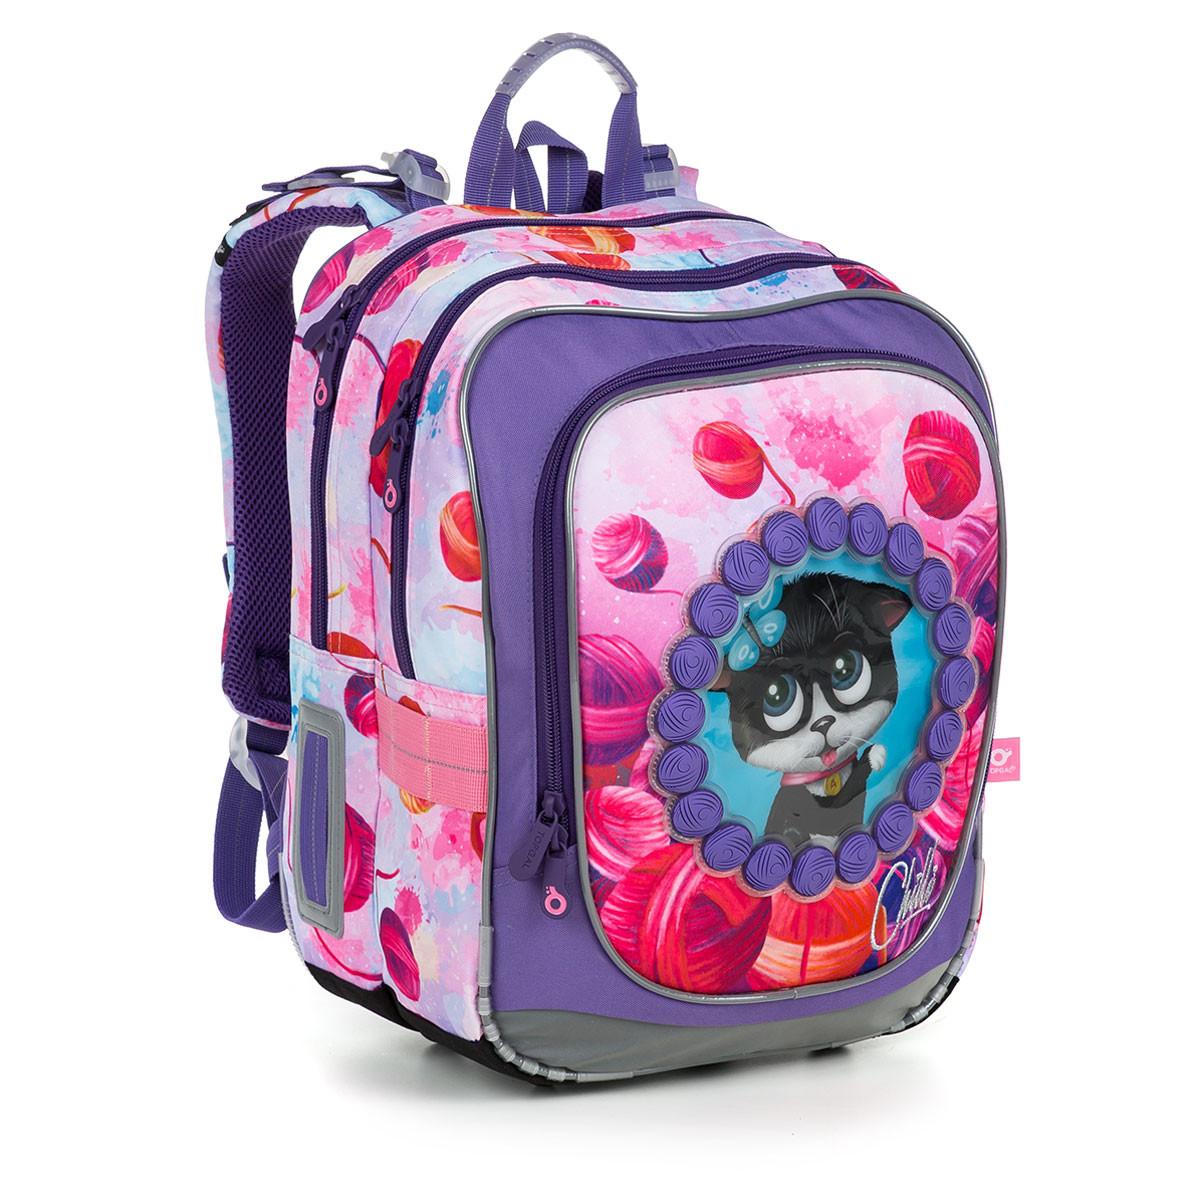 70a1225f774 Školní batoh a penál Topgal ENDY 19005 G